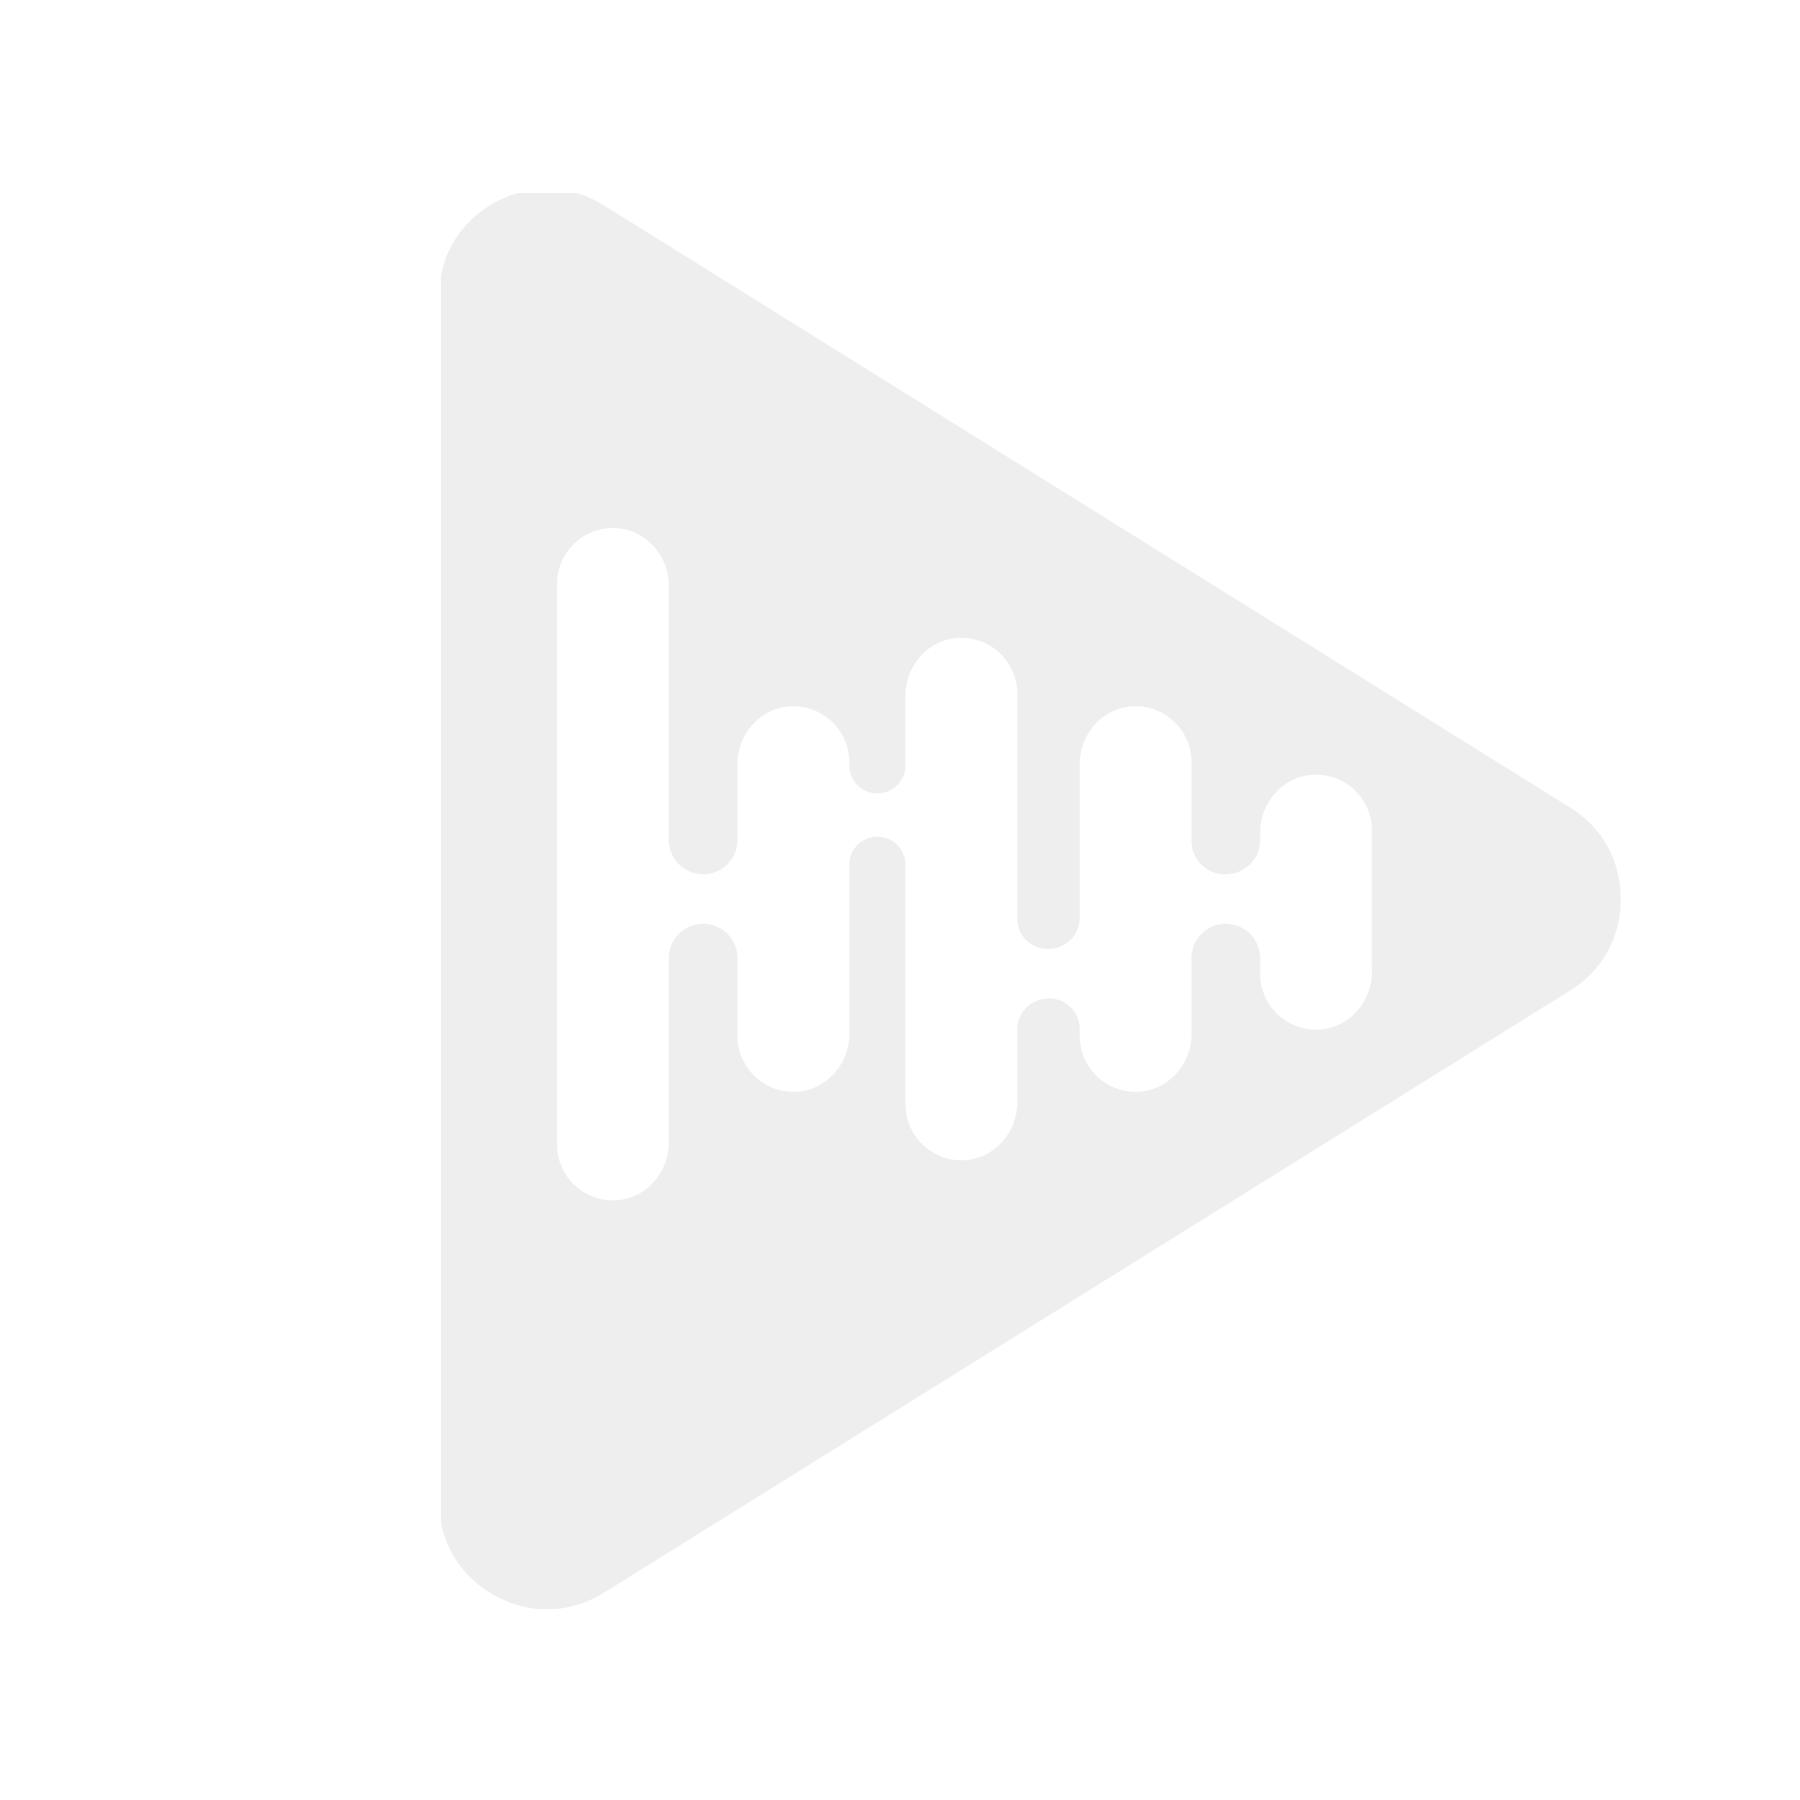 Hertz Mille Pro MP 250 D4.3 - 10